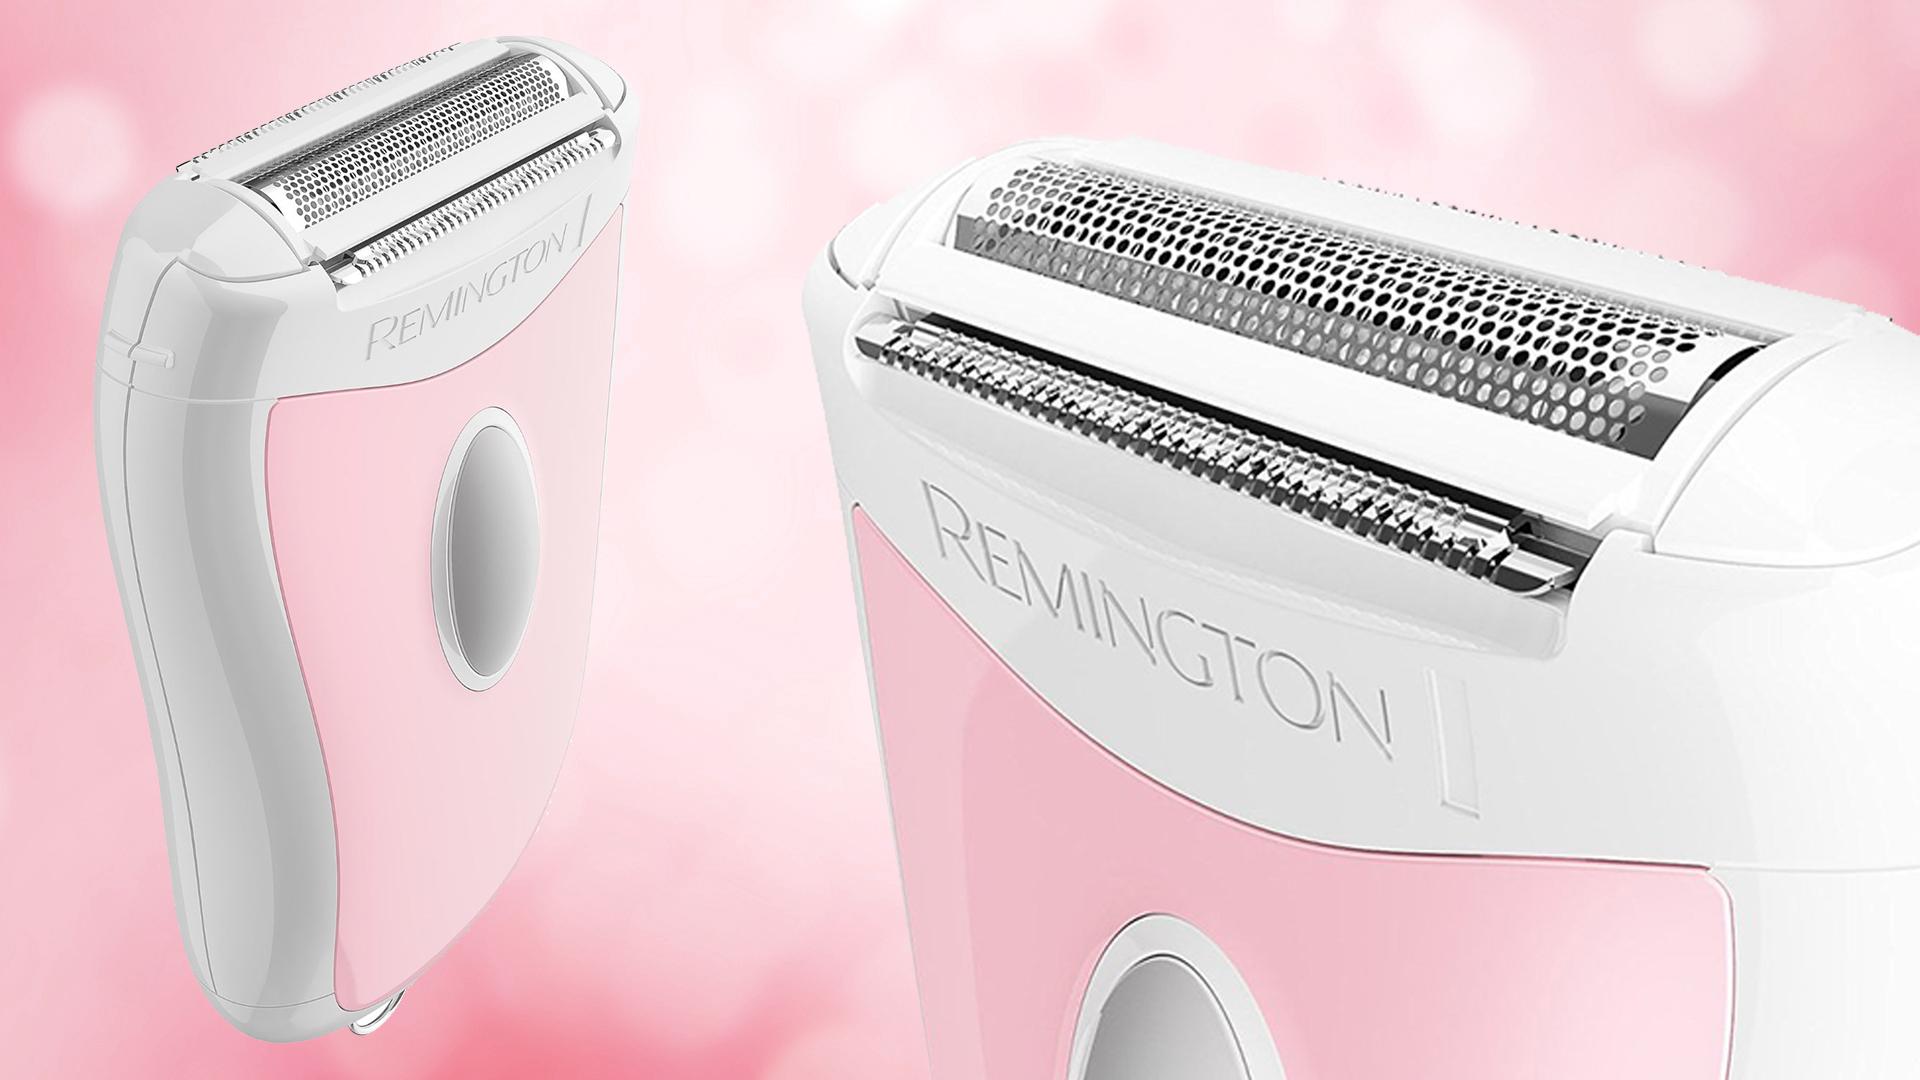 remington ilight pro face & body review